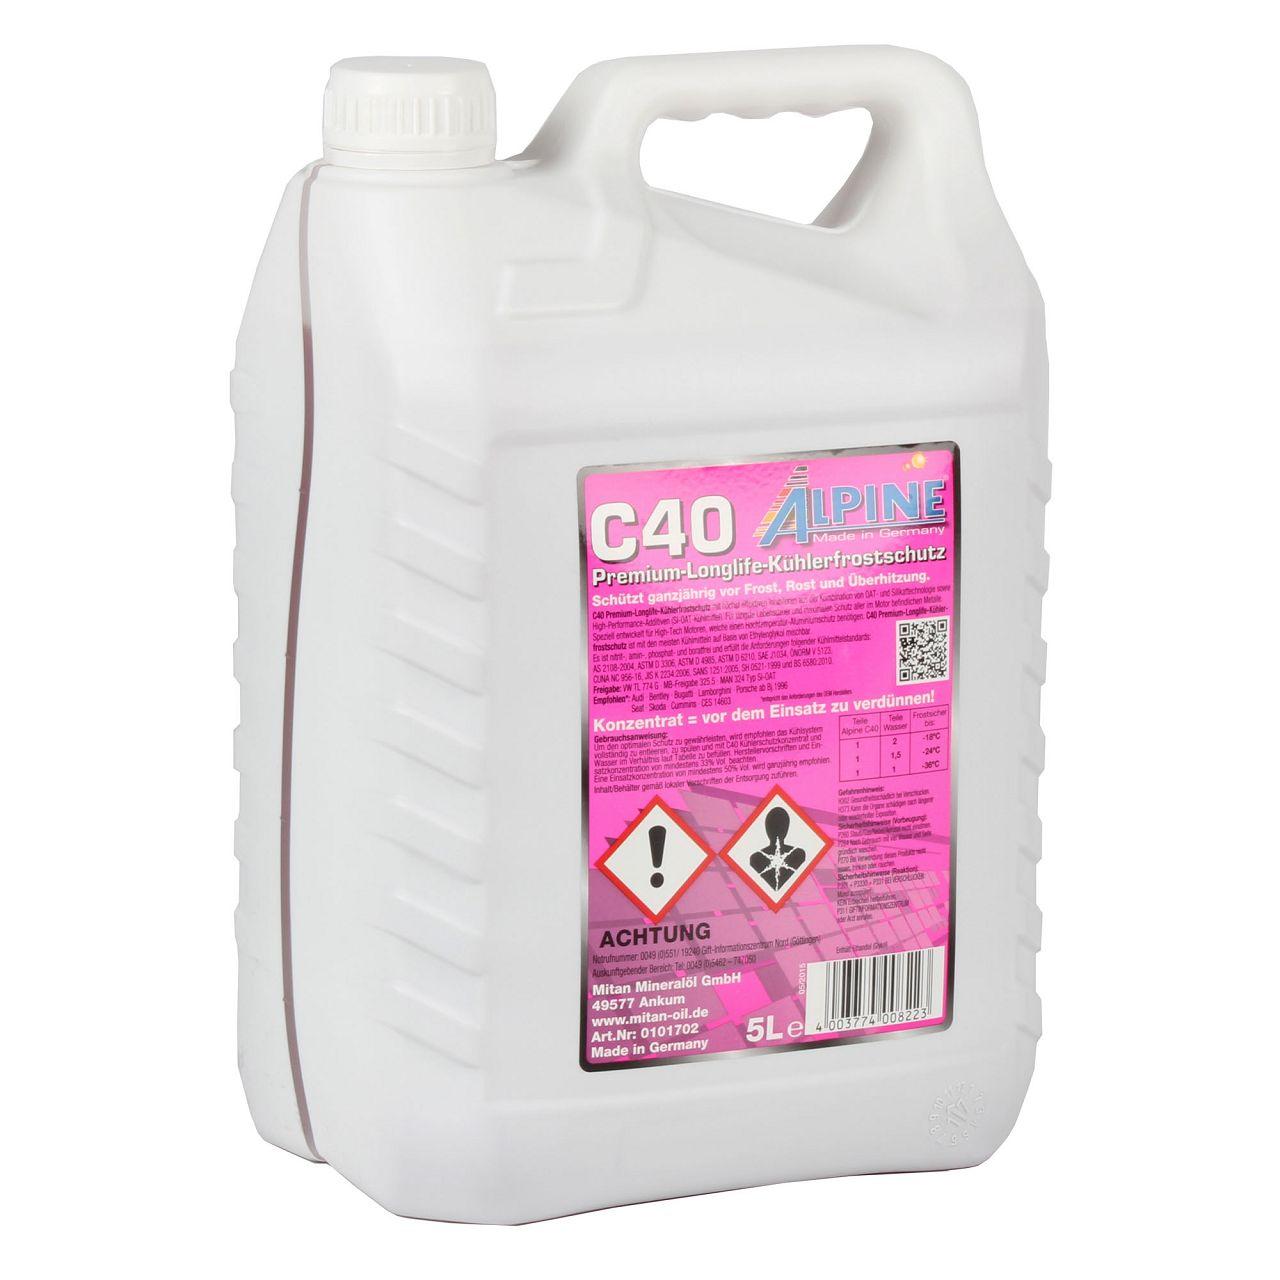 5 Liter 5L ALPINE Frostschutz Kühler Kühlerfrostschutz Konzentrat C40 G40